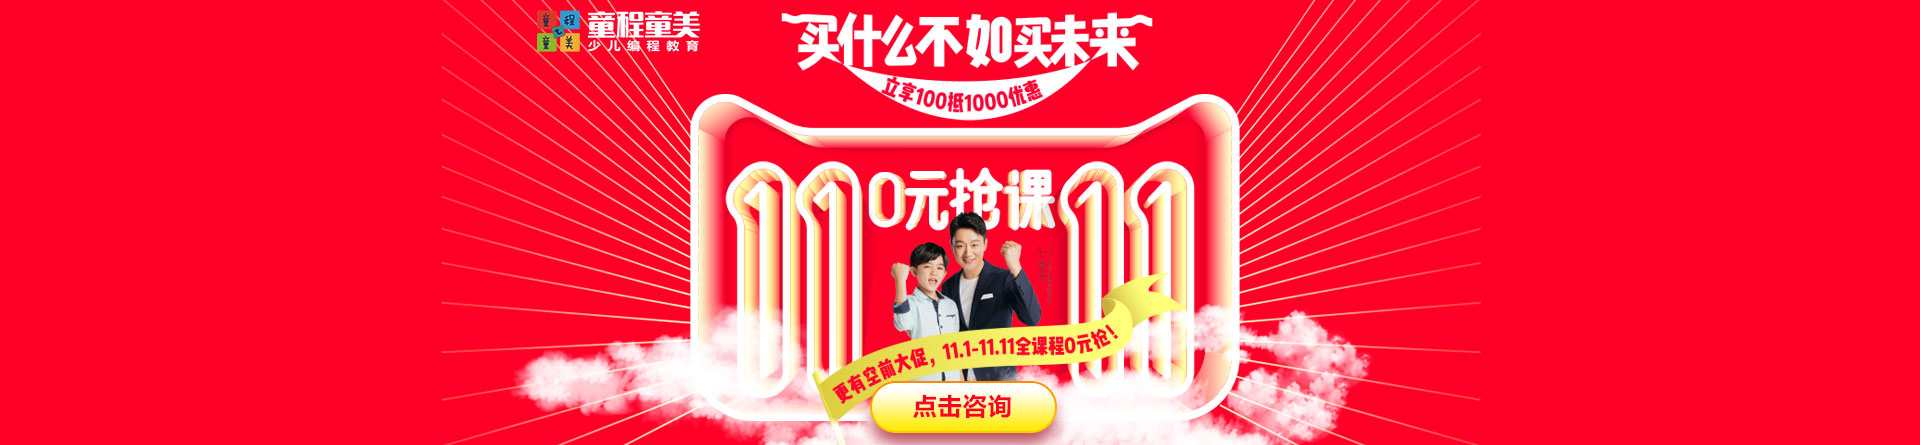 台州童程童美双十一狂欢节